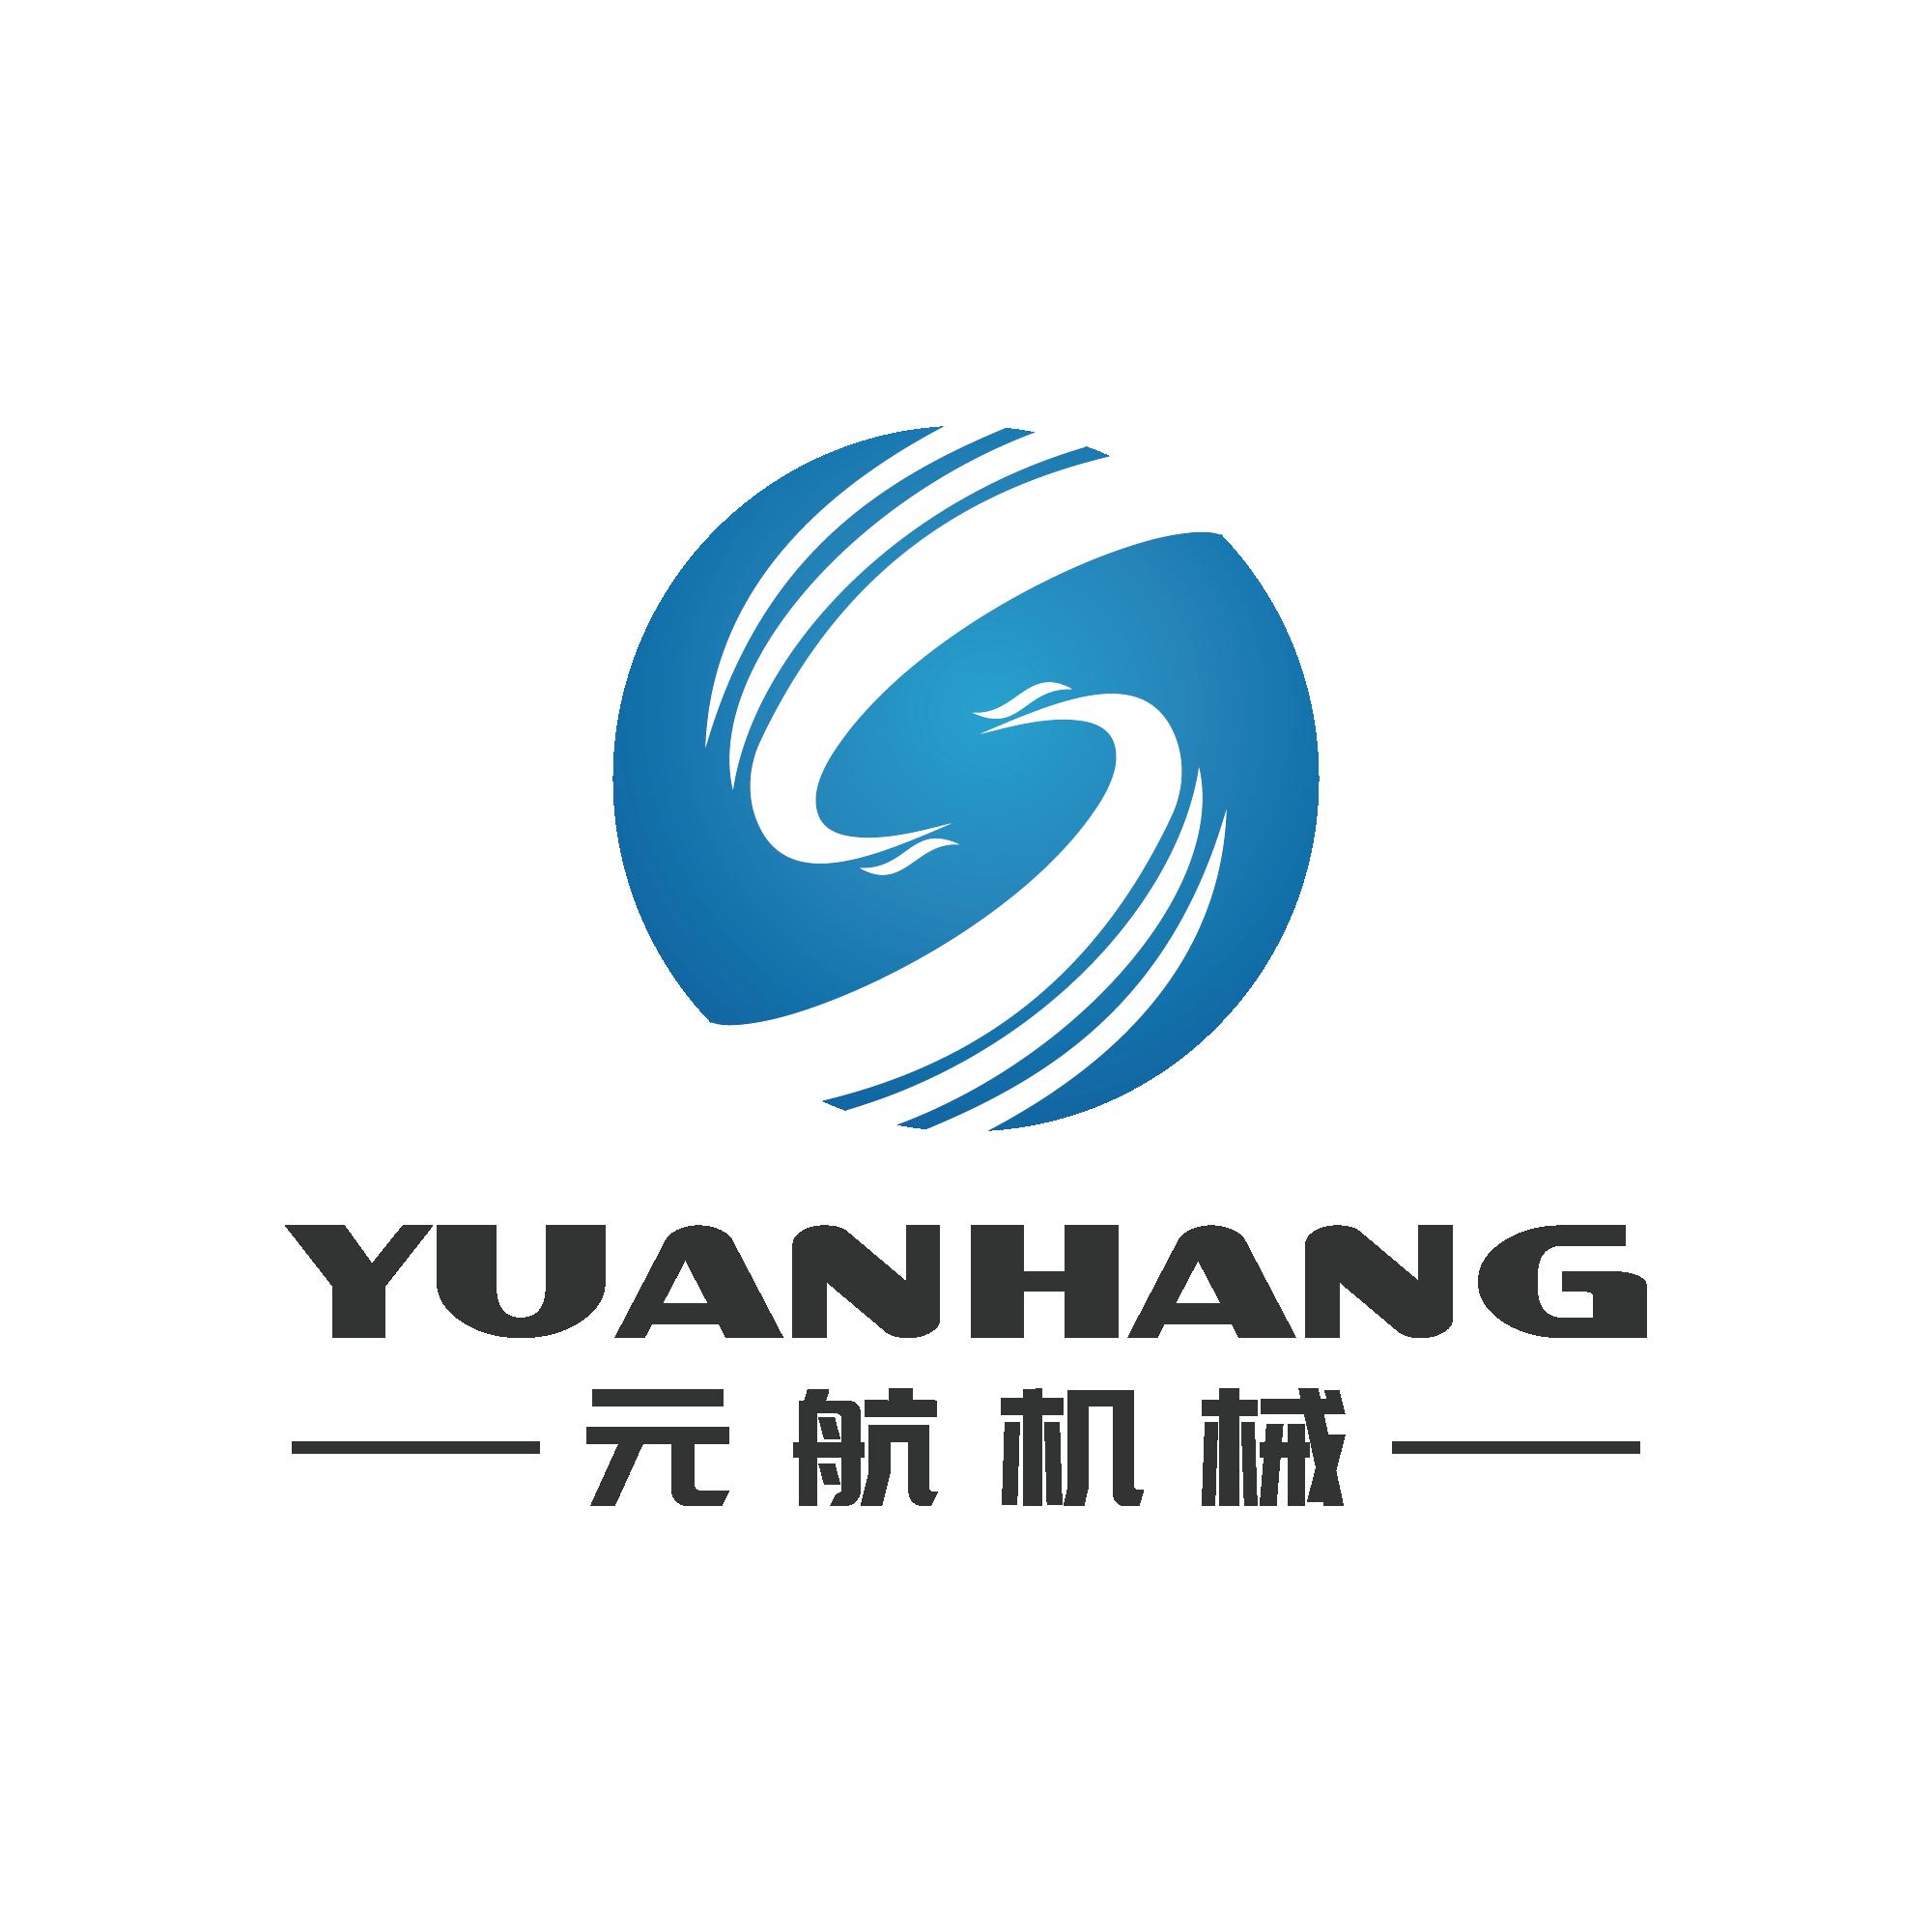 厦门元航机械设备有限华宇平台网址授权开户网站